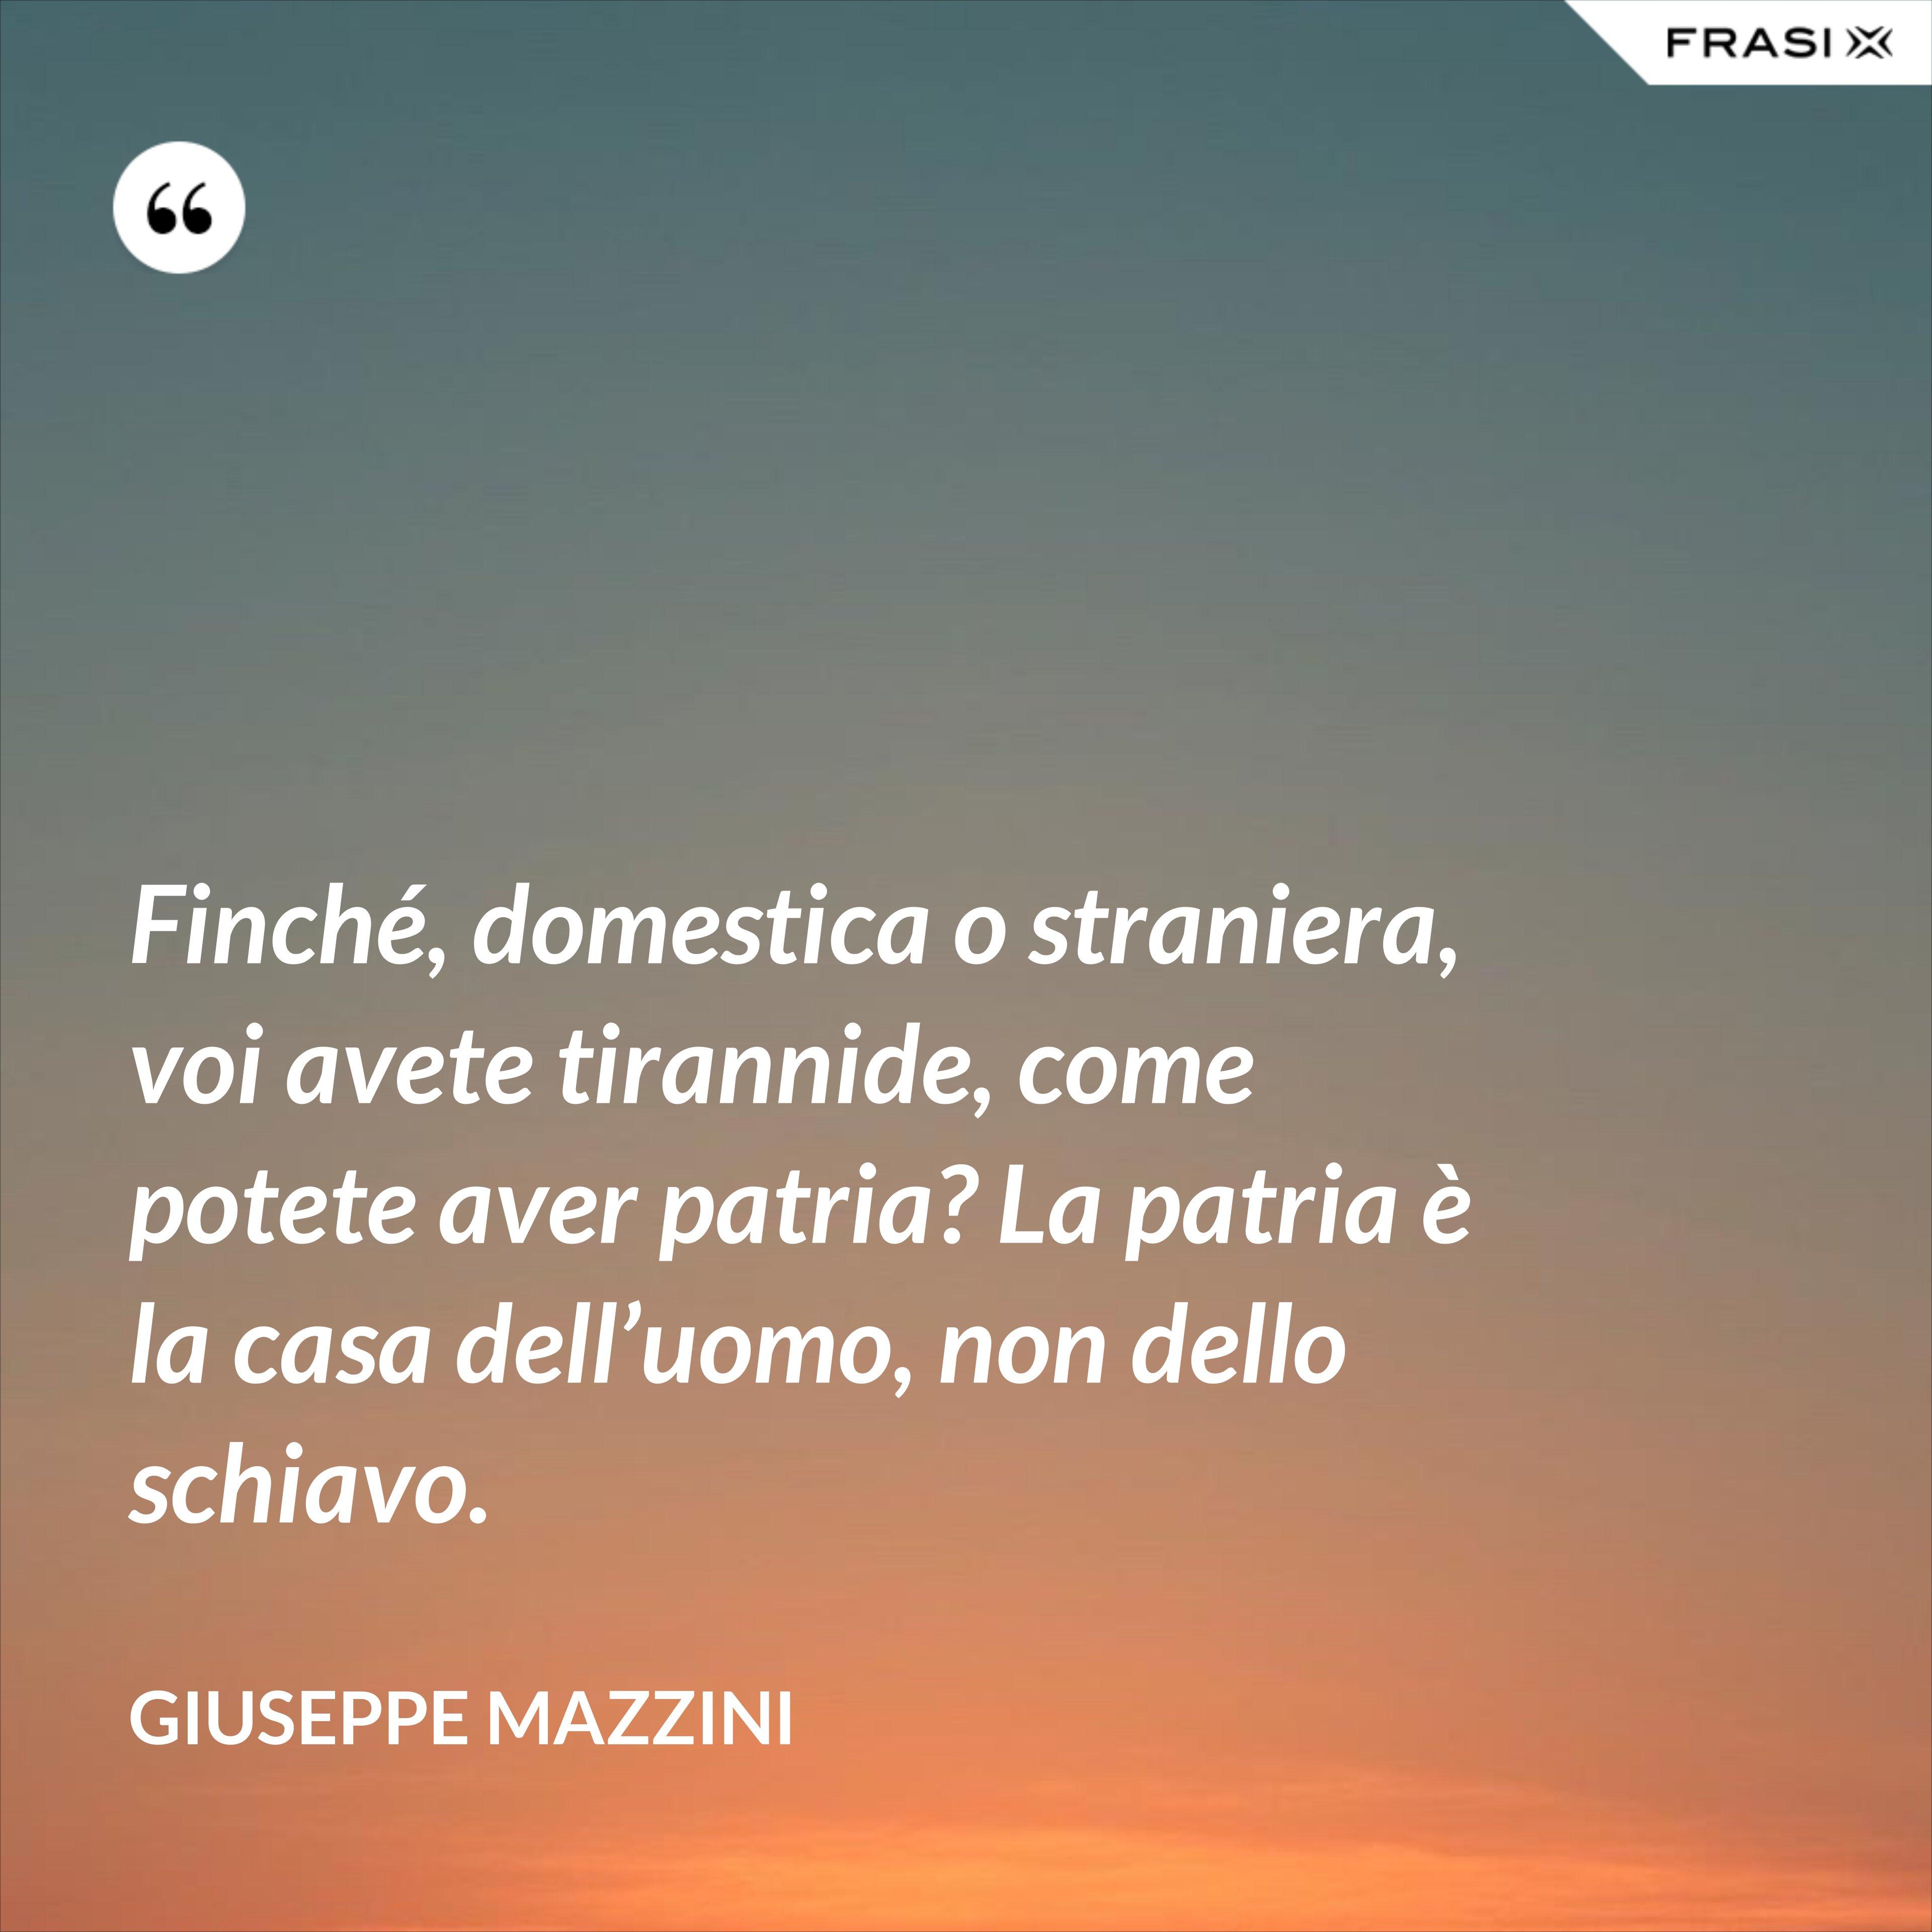 Finché, domestica o straniera, voi avete tirannide, come potete aver patria? La patria è la casa dell'uomo, non dello schiavo. - Giuseppe Mazzini